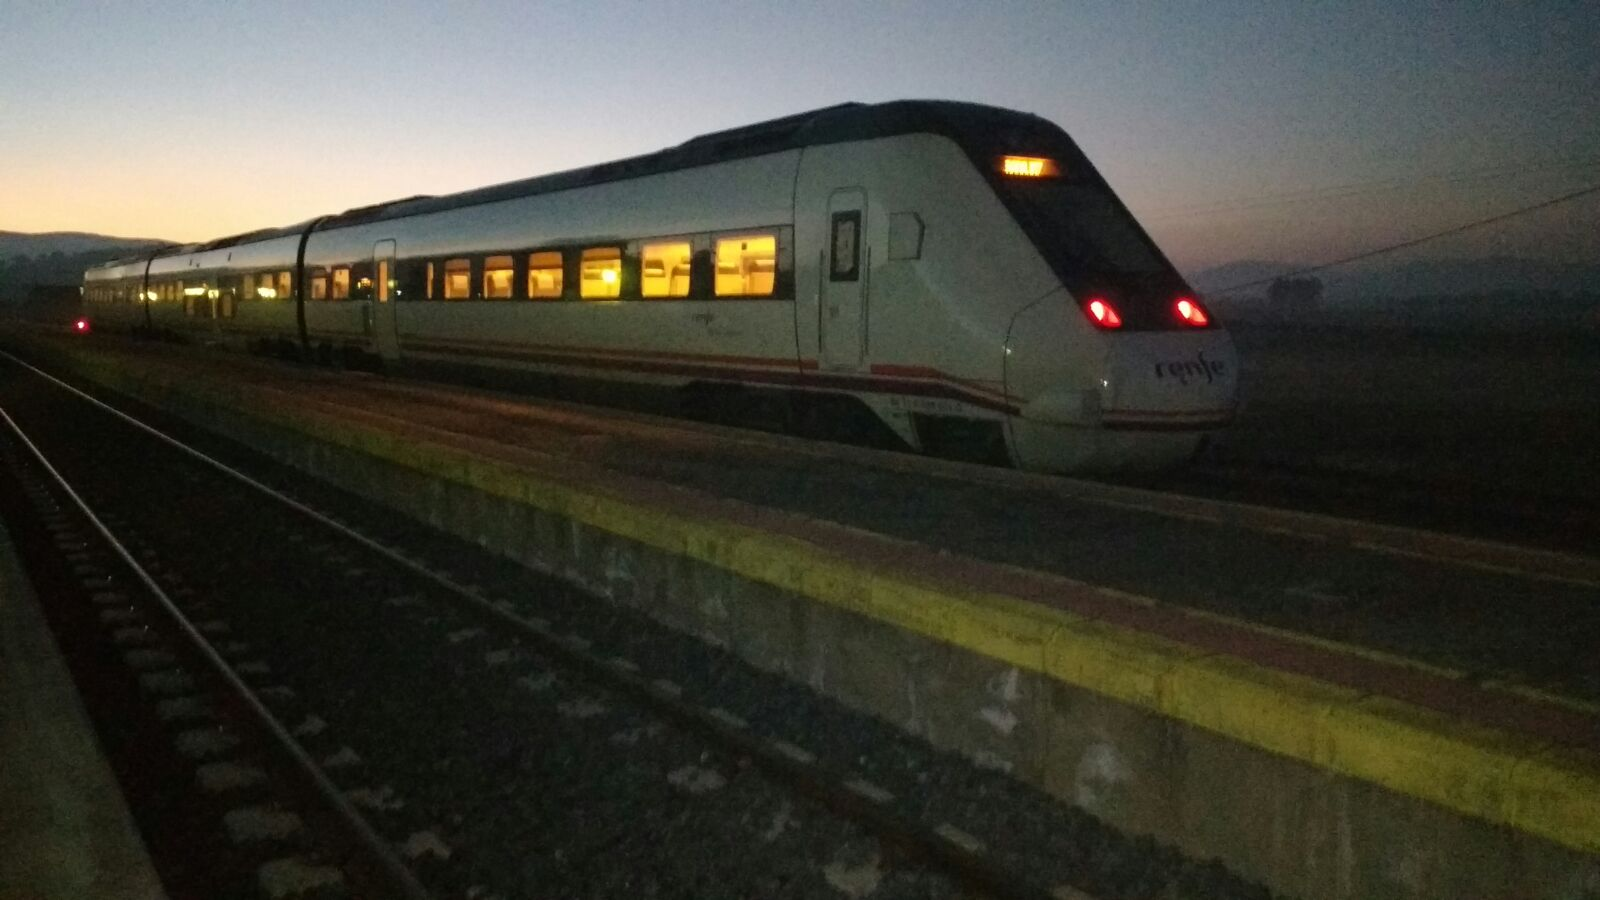 Tren regional en la estación de Brazatortas Veredas